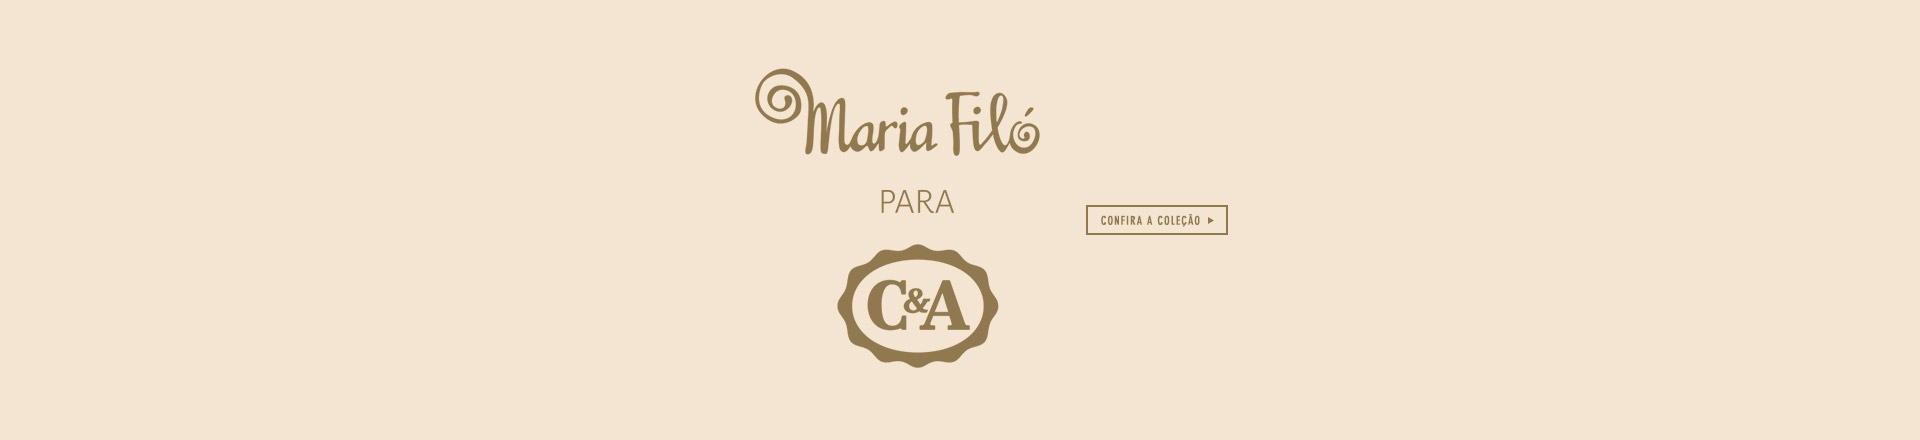 DEST39 F MARIA FILO